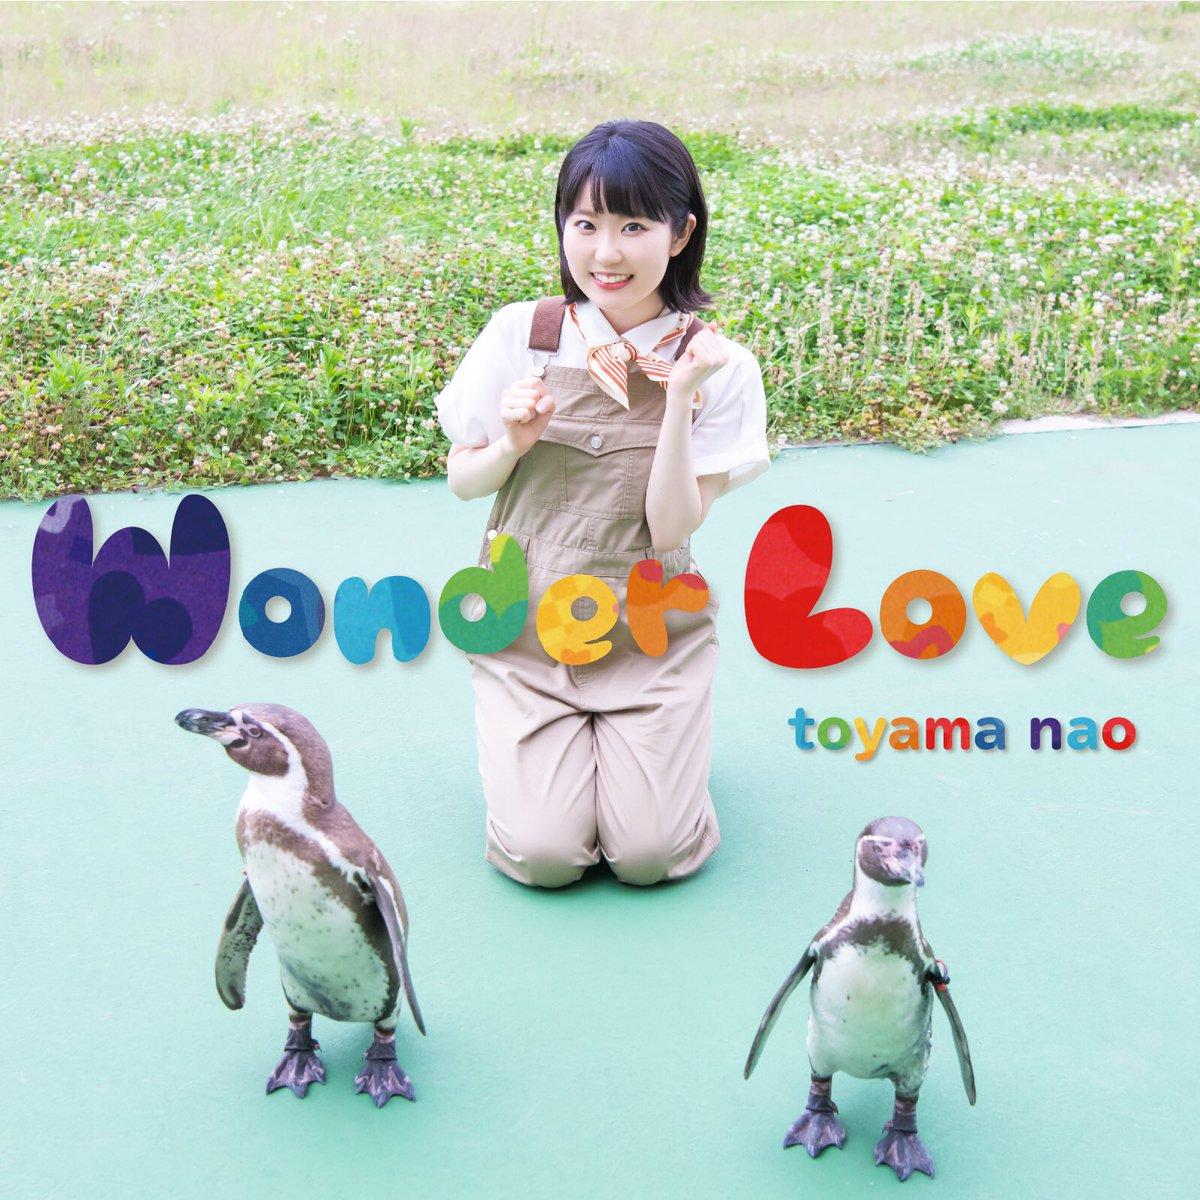 【配信情報】そして、明日7/15(水)0時より新曲「Wonder Love」が配信となります🐧💚配信に先立ちまして、ジャケット写真を公開❗️ビールくんとパッタイちゃんと一緒に可愛いジャケット写真が出来上がりました✨#WonderLove